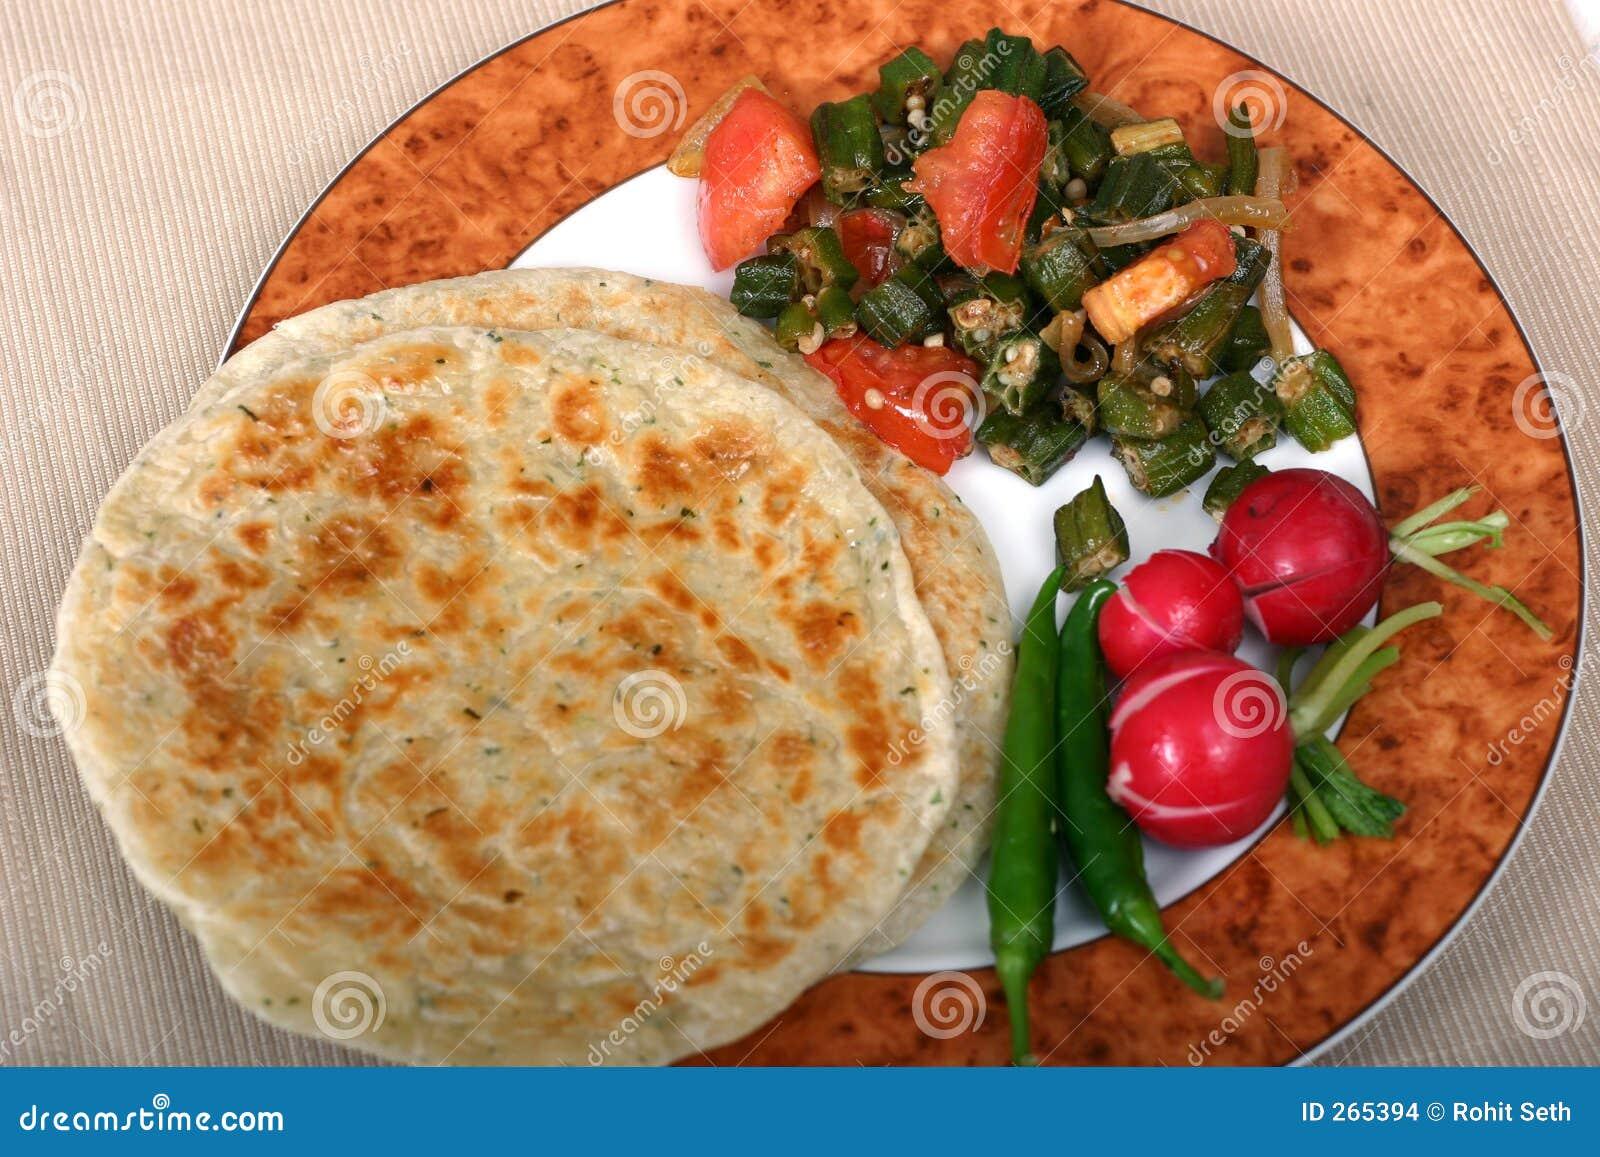 Indian Food Series - Vegetarian Meal